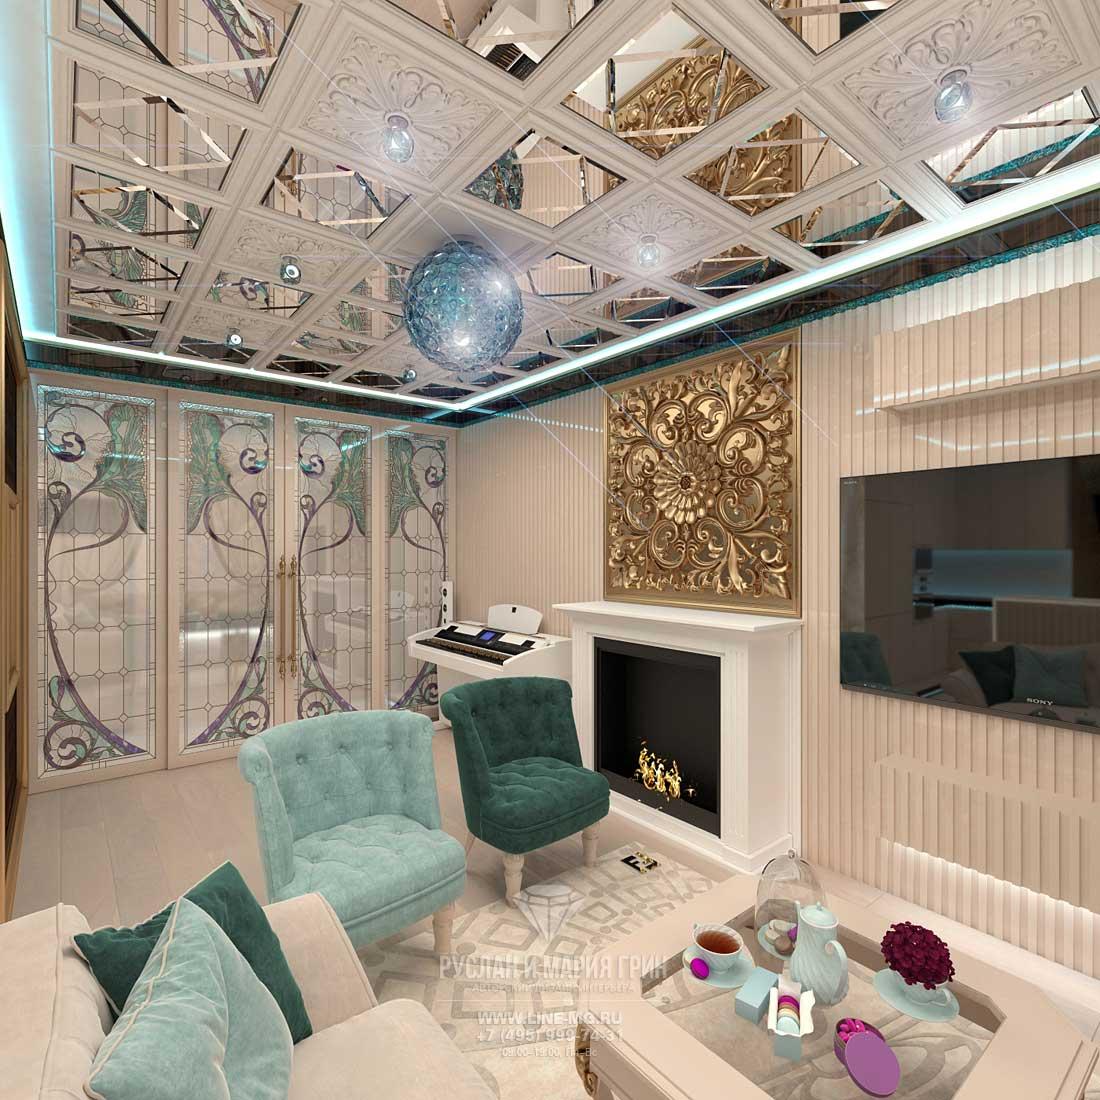 Дизайнерский ремонт гостиной под ключ в стиле легкая классика. Фото интерьера